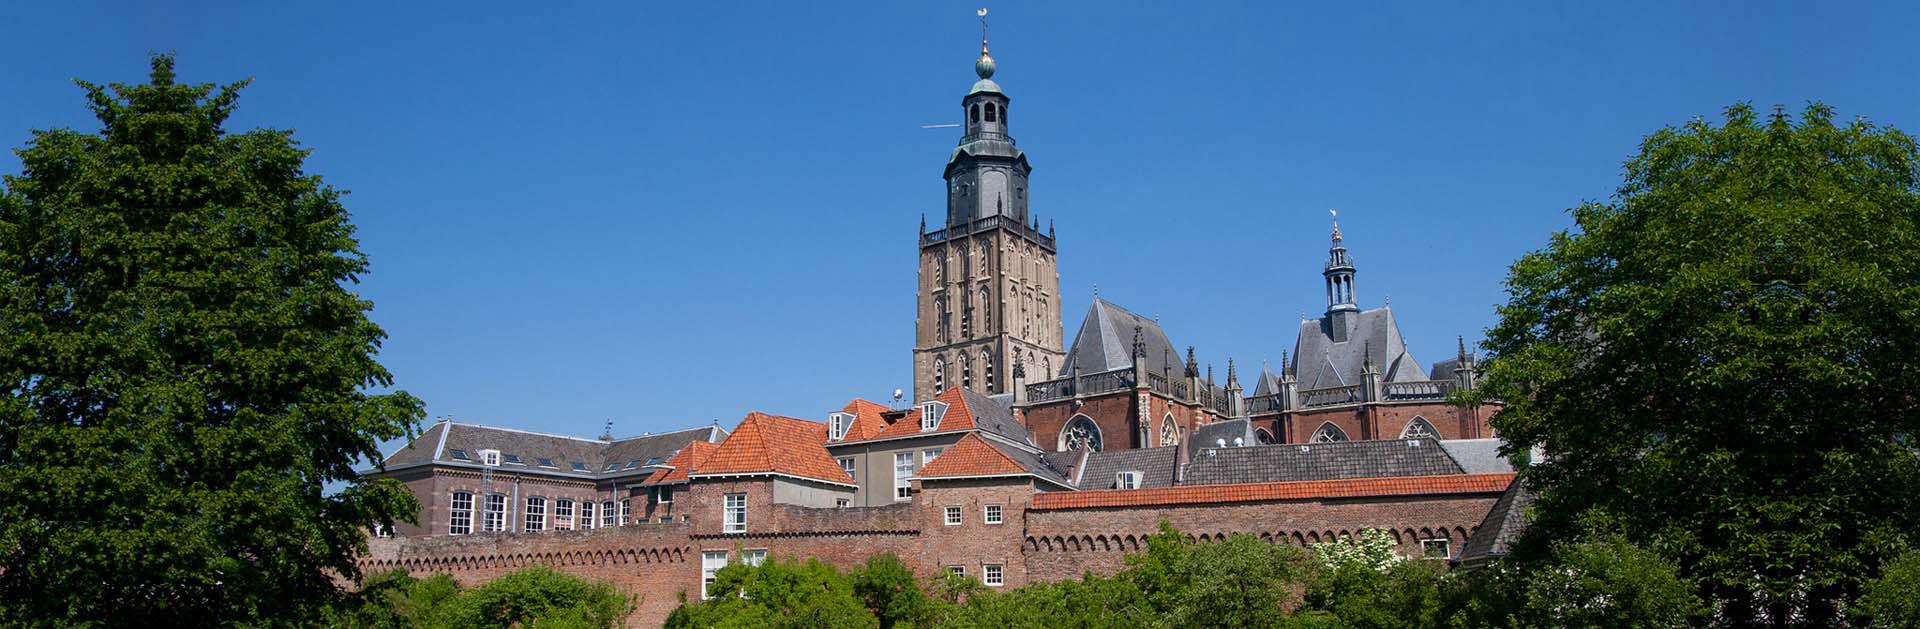 Zutphen - Hanzestad - Torenstad  Regio Achterhoek - Liemers